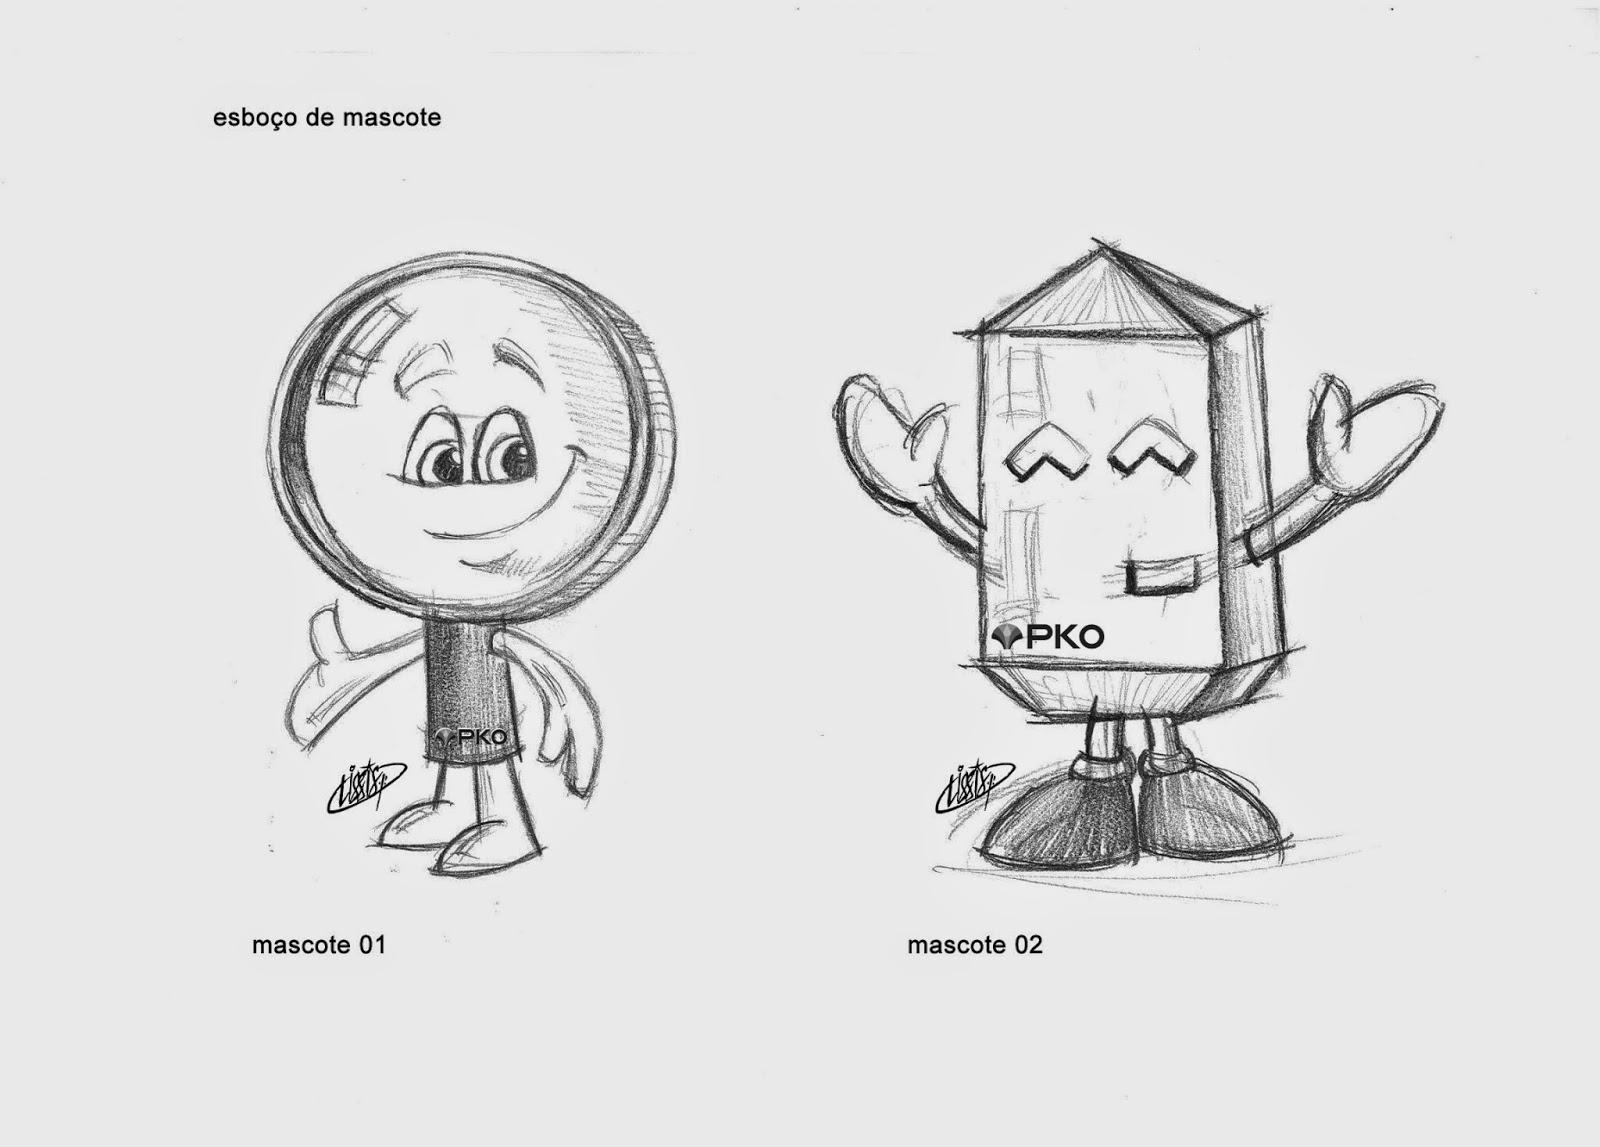 esboço de mascote 01